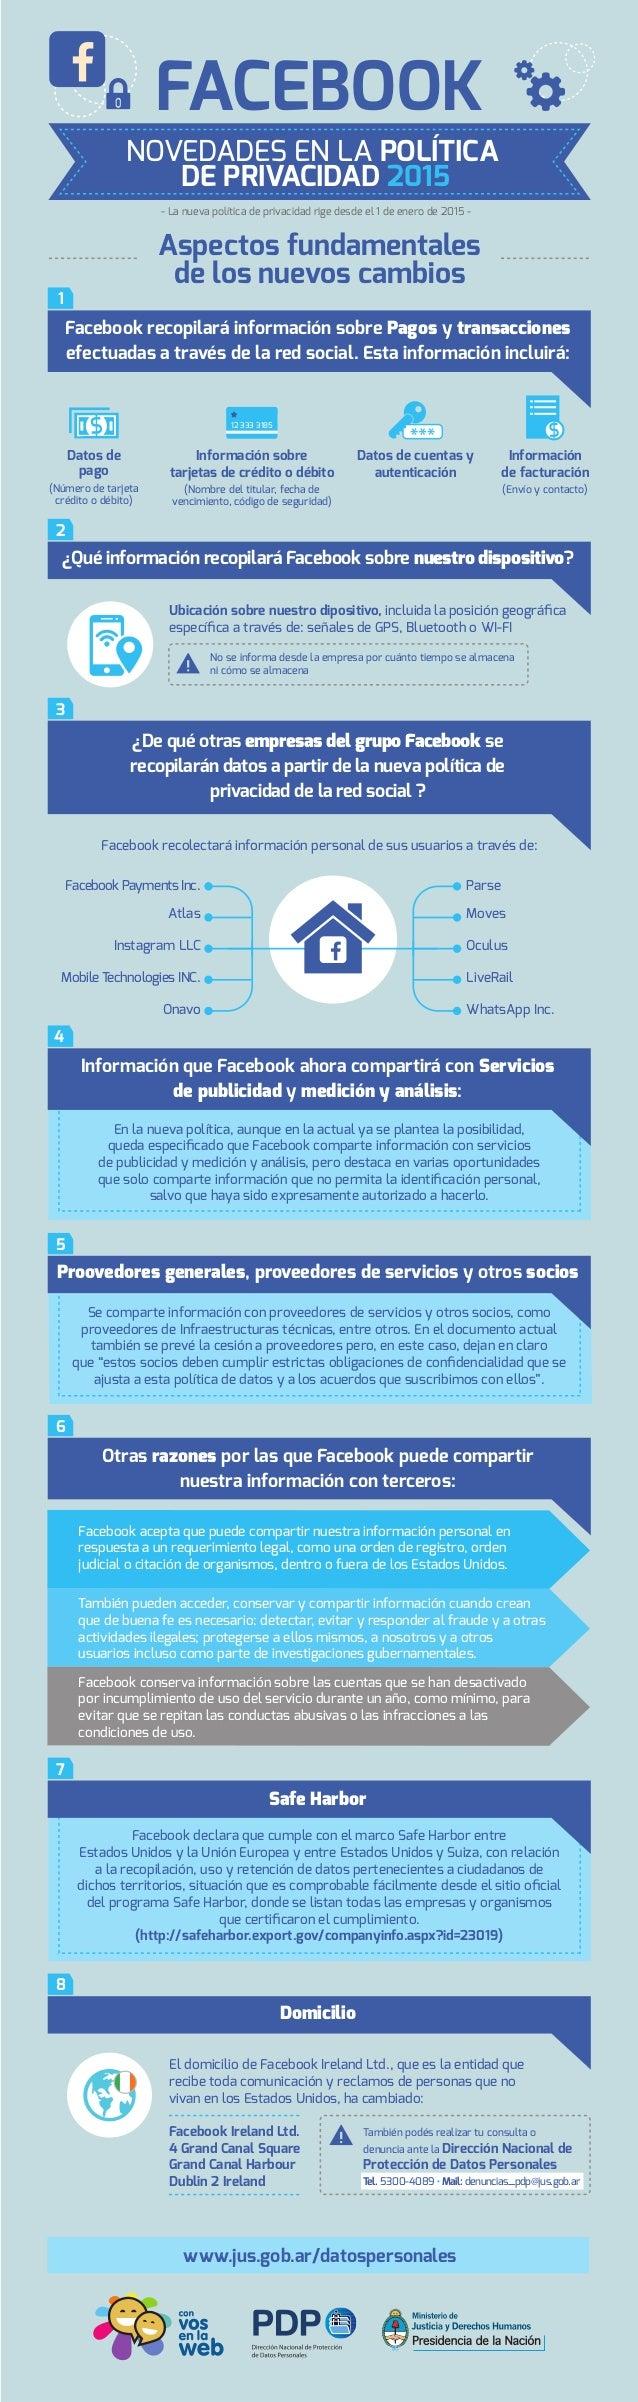 NOVEDADES EN LA POLÍTICA DE PRIVACIDAD 2015 FACEBOOK Aspectos fundamentales de los nuevos cambios Datos de pago (Número de...